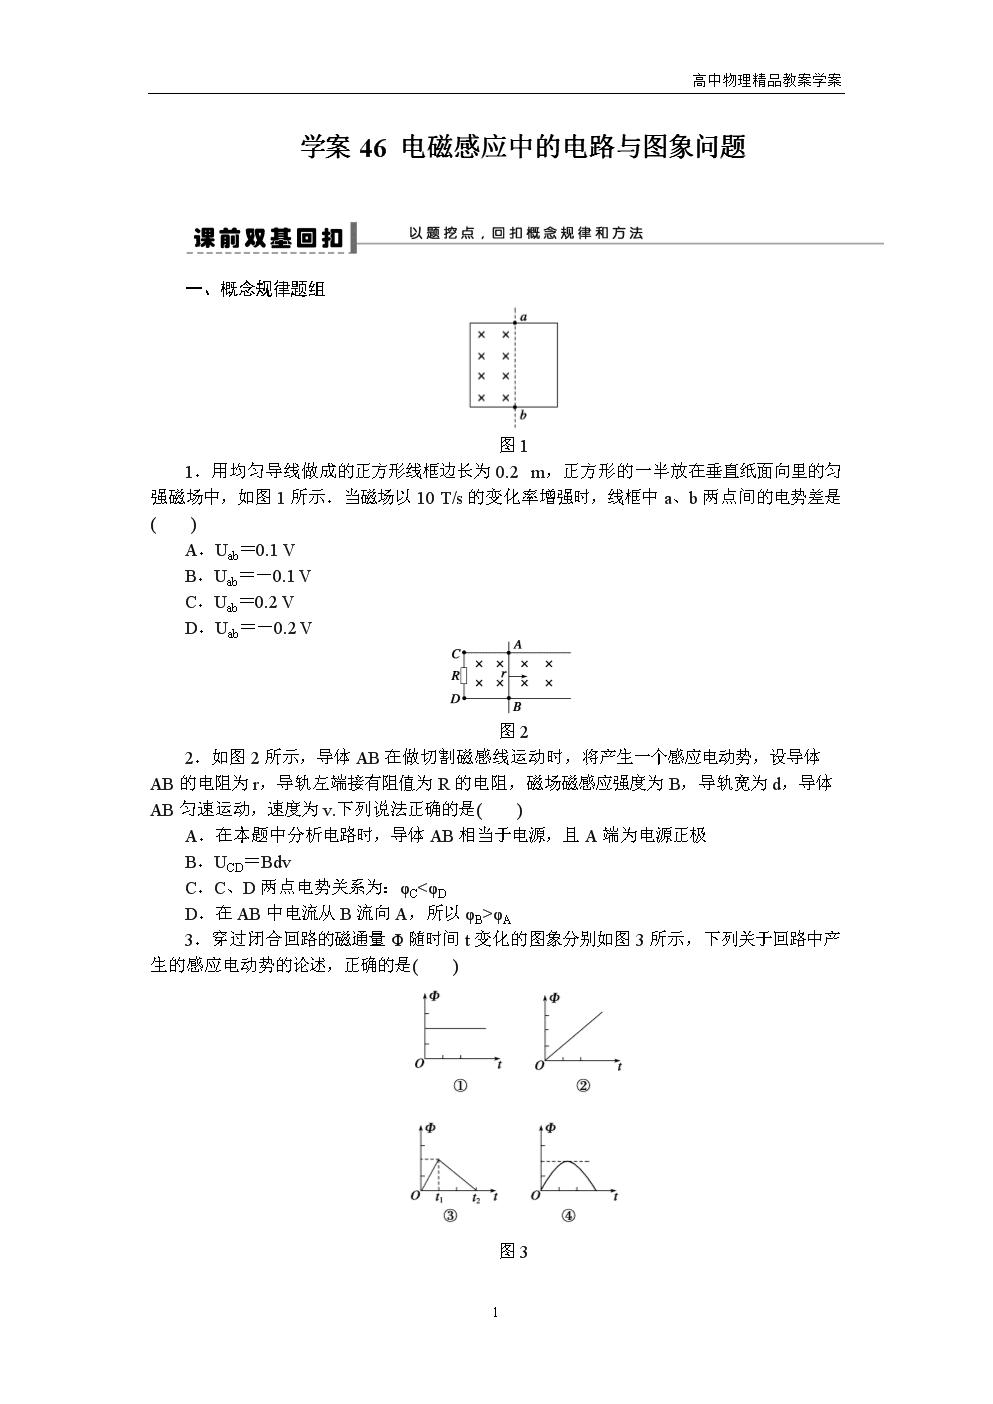 高考物理 一轮复习教案学案—第九章 46 电磁感应中的电路与图象问题.doc